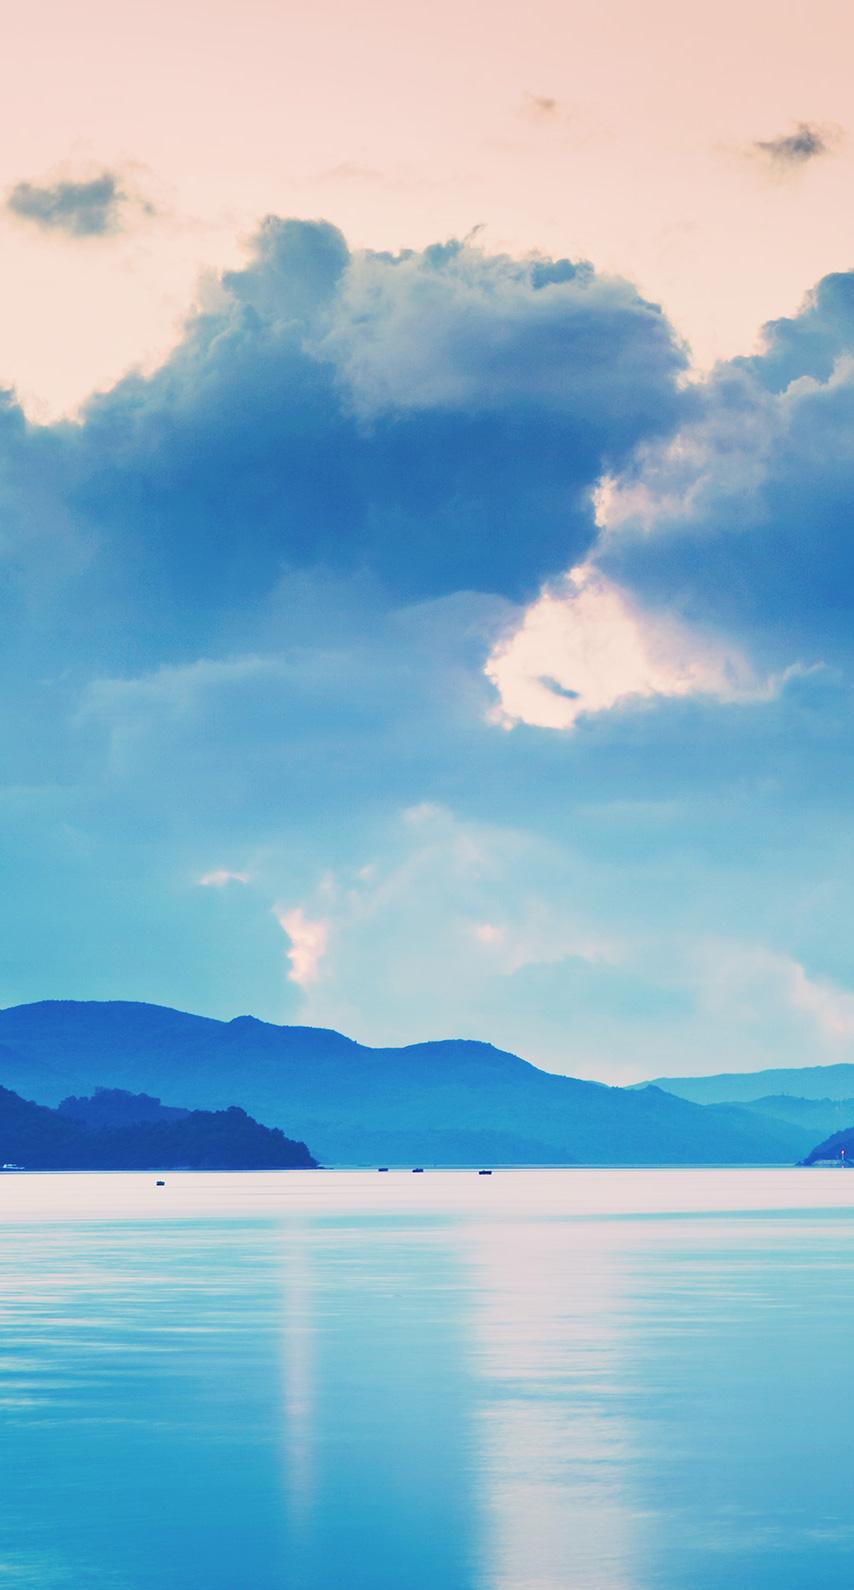 scenic, seascape, seashore